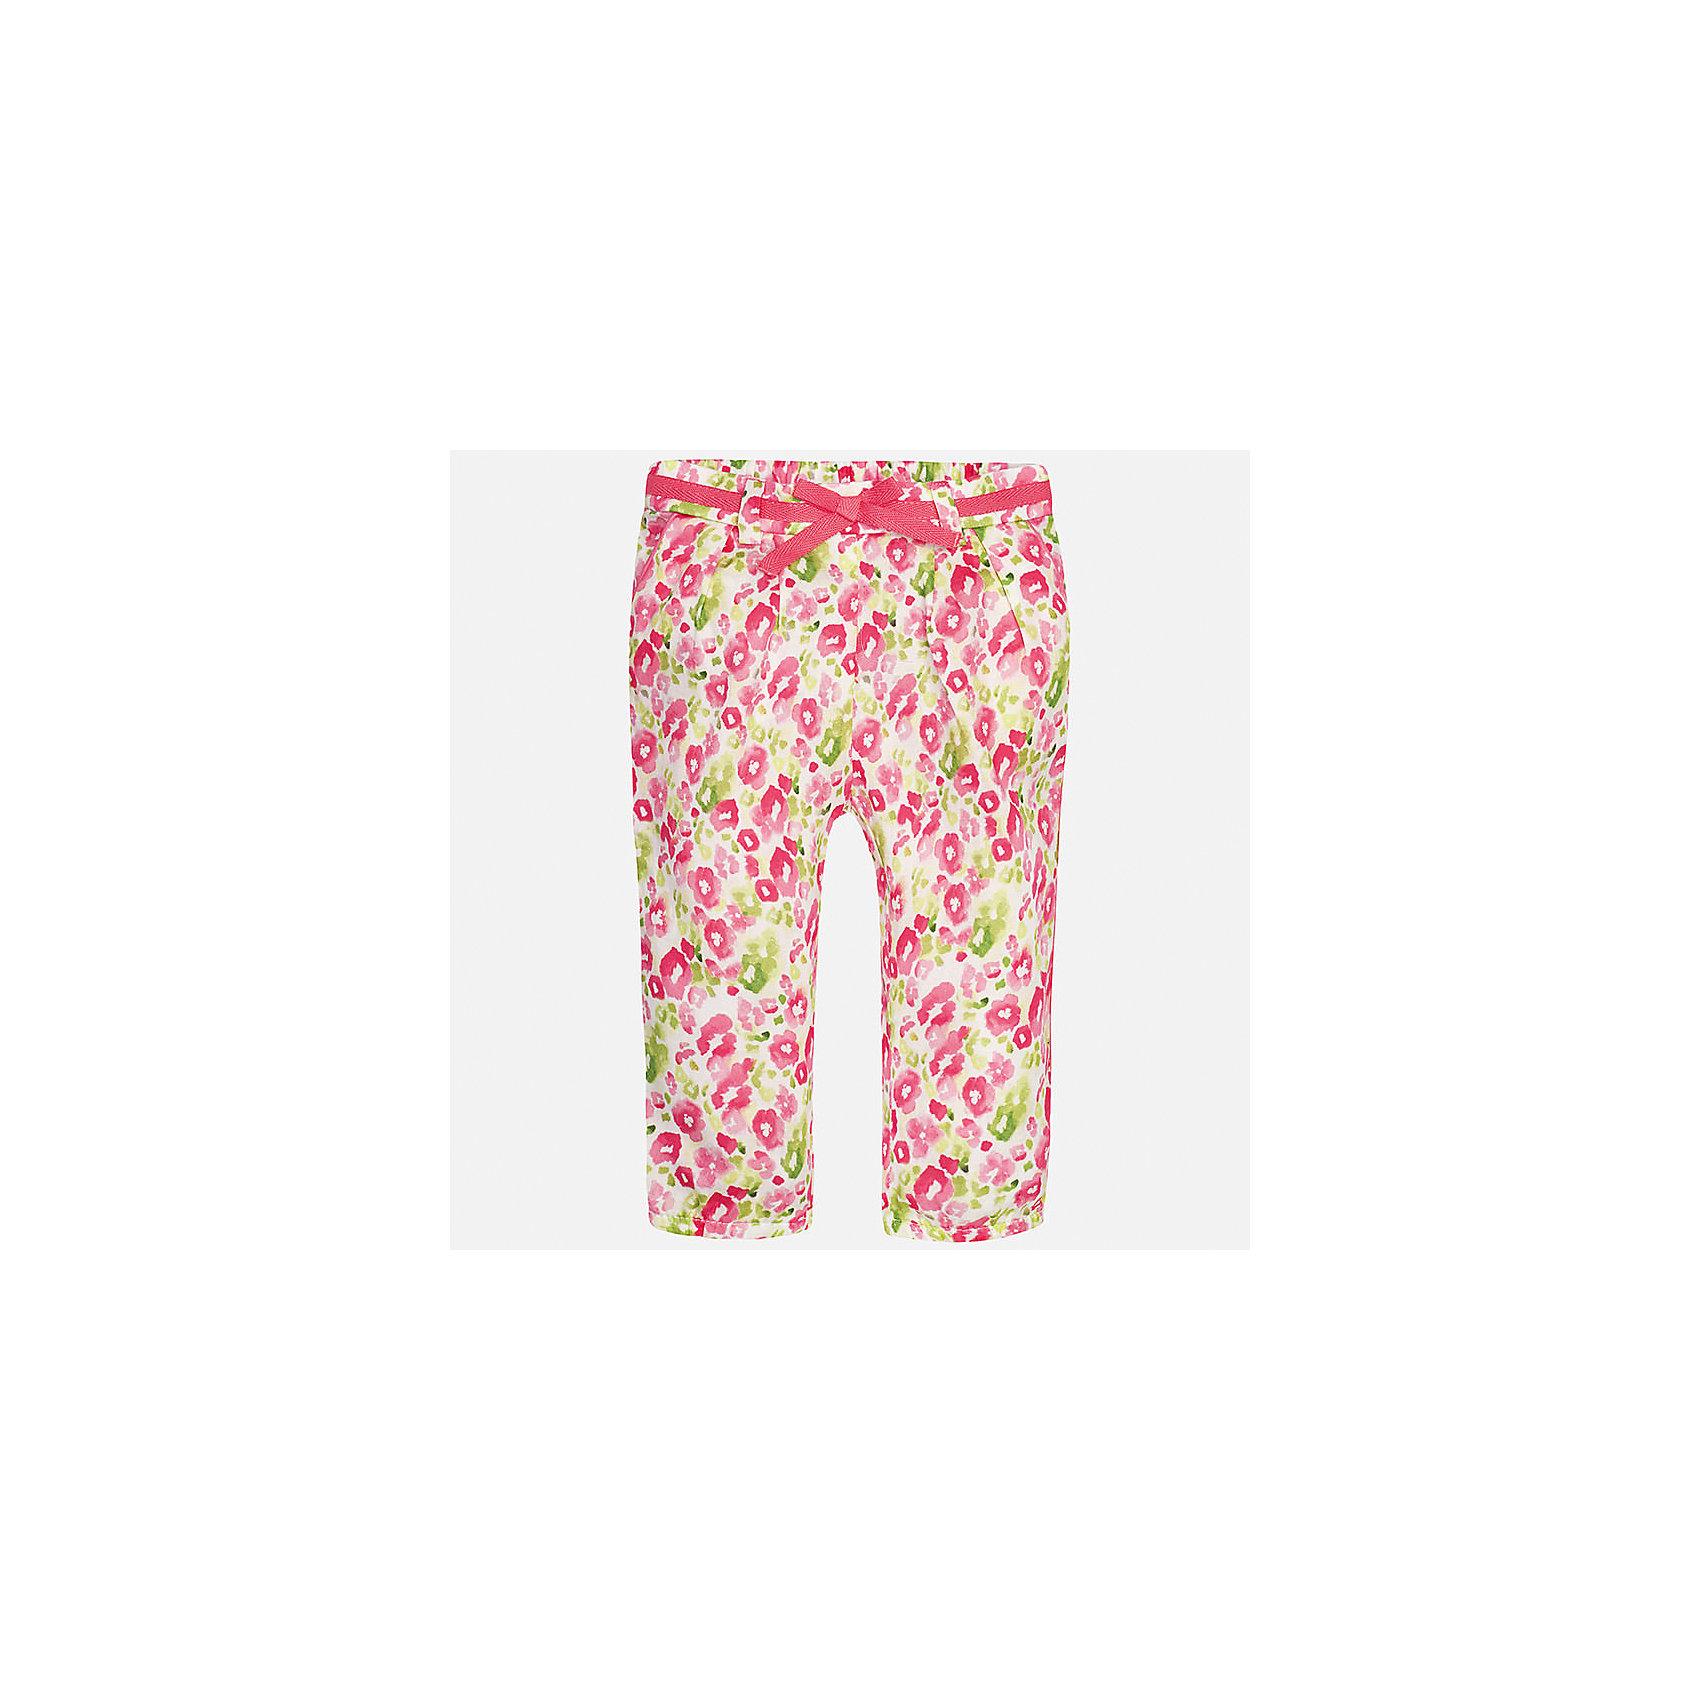 Брюки для девочки MayoralХарактеристики товара:<br><br>• цвет: розовый<br>• состав: 100% хлопок<br>• складки на талии<br>• шлевки<br>• пояс с регулировкой объема<br>• цветочный принт<br>• страна бренда: Испания<br><br>Модные легкие брюки для девочки смогут разнообразить гардероб ребенка и украсить наряд. Они отлично сочетаются с майками, футболками, блузками. Красивый оттенок позволяет подобрать к вещи верх разных расцветок. Интересный крой модели делает её нарядной и оригинальной. <br><br>Одежда, обувь и аксессуары от испанского бренда Mayoral полюбились детям и взрослым по всему миру. Модели этой марки - стильные и удобные. Для их производства используются только безопасные, качественные материалы и фурнитура. Порадуйте ребенка модными и красивыми вещами от Mayoral! <br><br>Брюки для девочки от испанского бренда Mayoral (Майорал) можно купить в нашем интернет-магазине.<br><br>Ширина мм: 215<br>Глубина мм: 88<br>Высота мм: 191<br>Вес г: 336<br>Цвет: розовый<br>Возраст от месяцев: 18<br>Возраст до месяцев: 24<br>Пол: Женский<br>Возраст: Детский<br>Размер: 92,74,80,86<br>SKU: 5288991